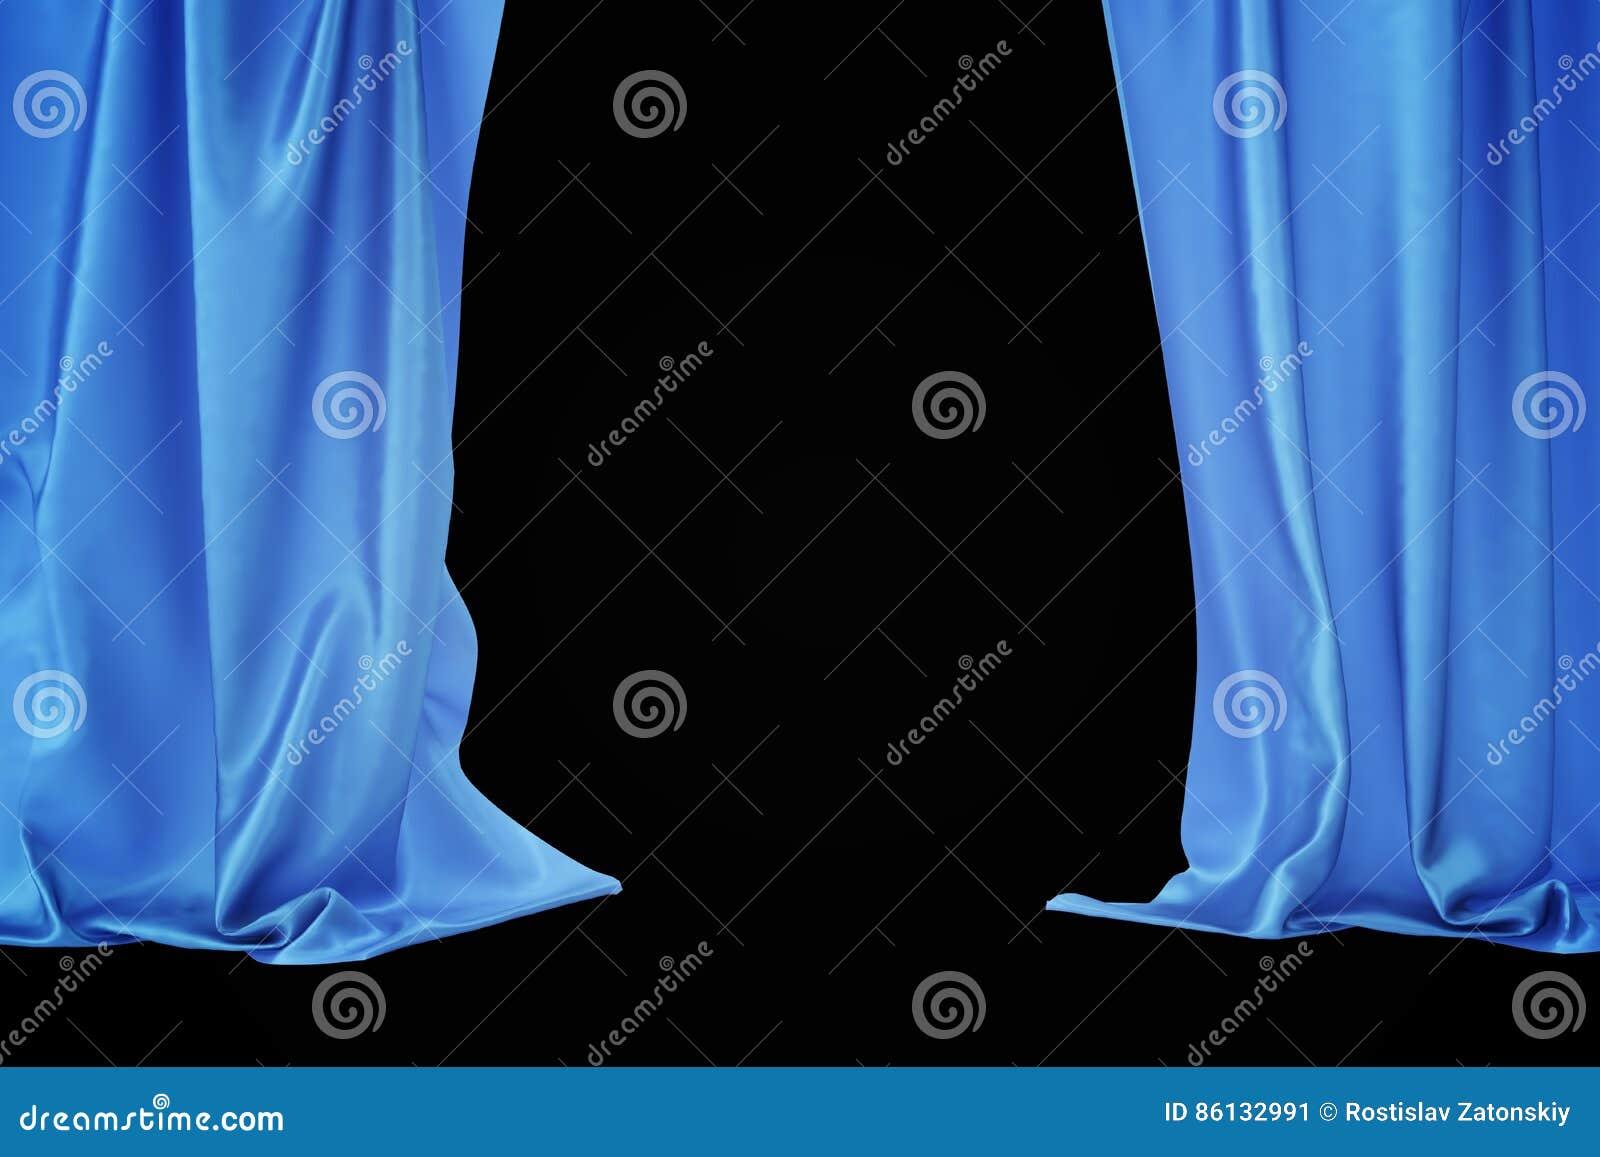 de blauwe gordijnen van het fluweelstadium scharlaken theatergordijn zijde klassieke gordijnen blauw theatergordijn het